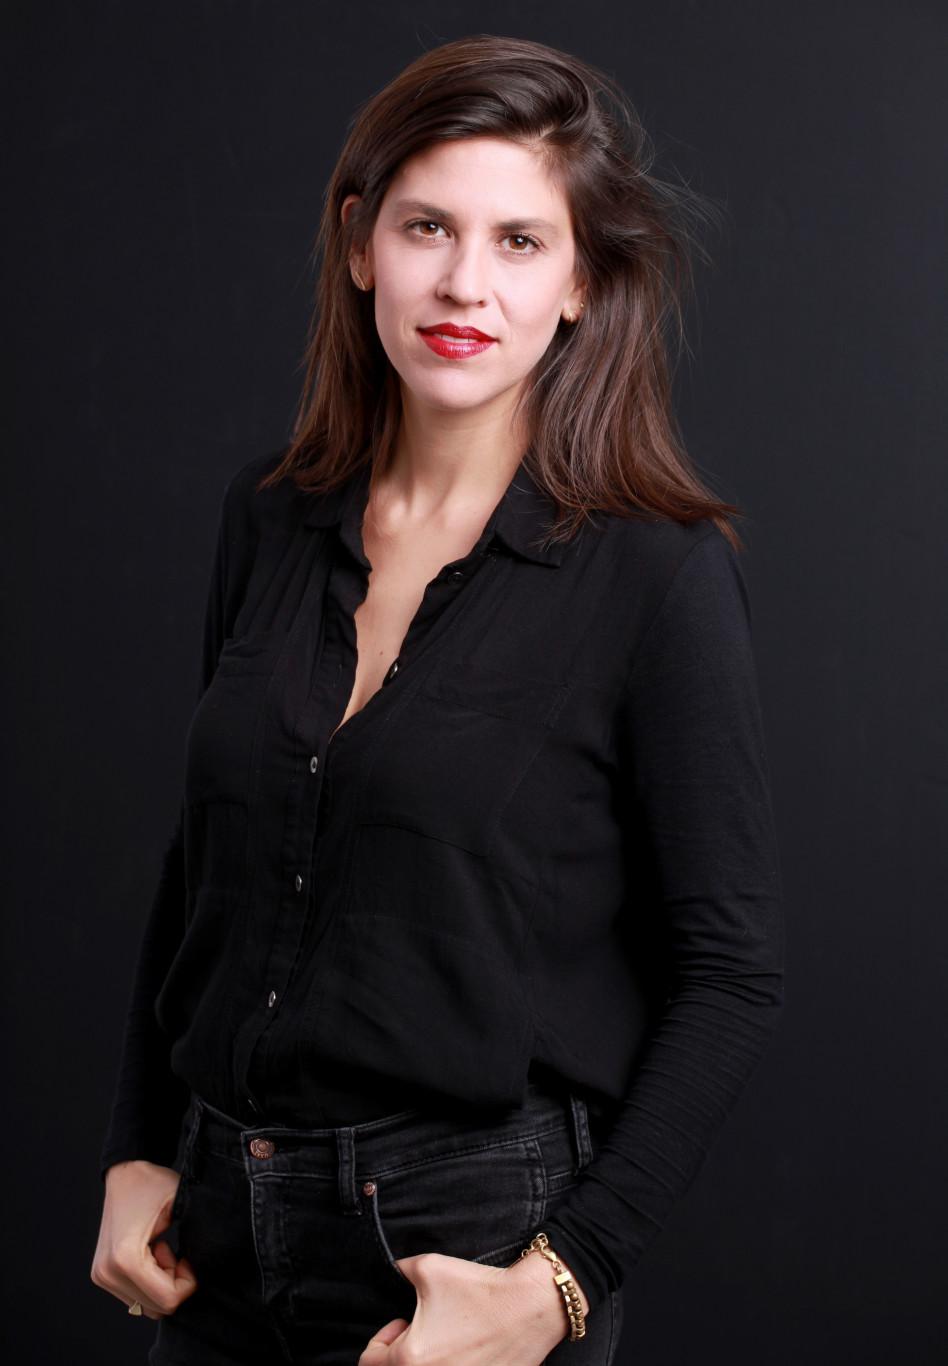 דנה בלקשטיין (צילום: אילן הבשור)